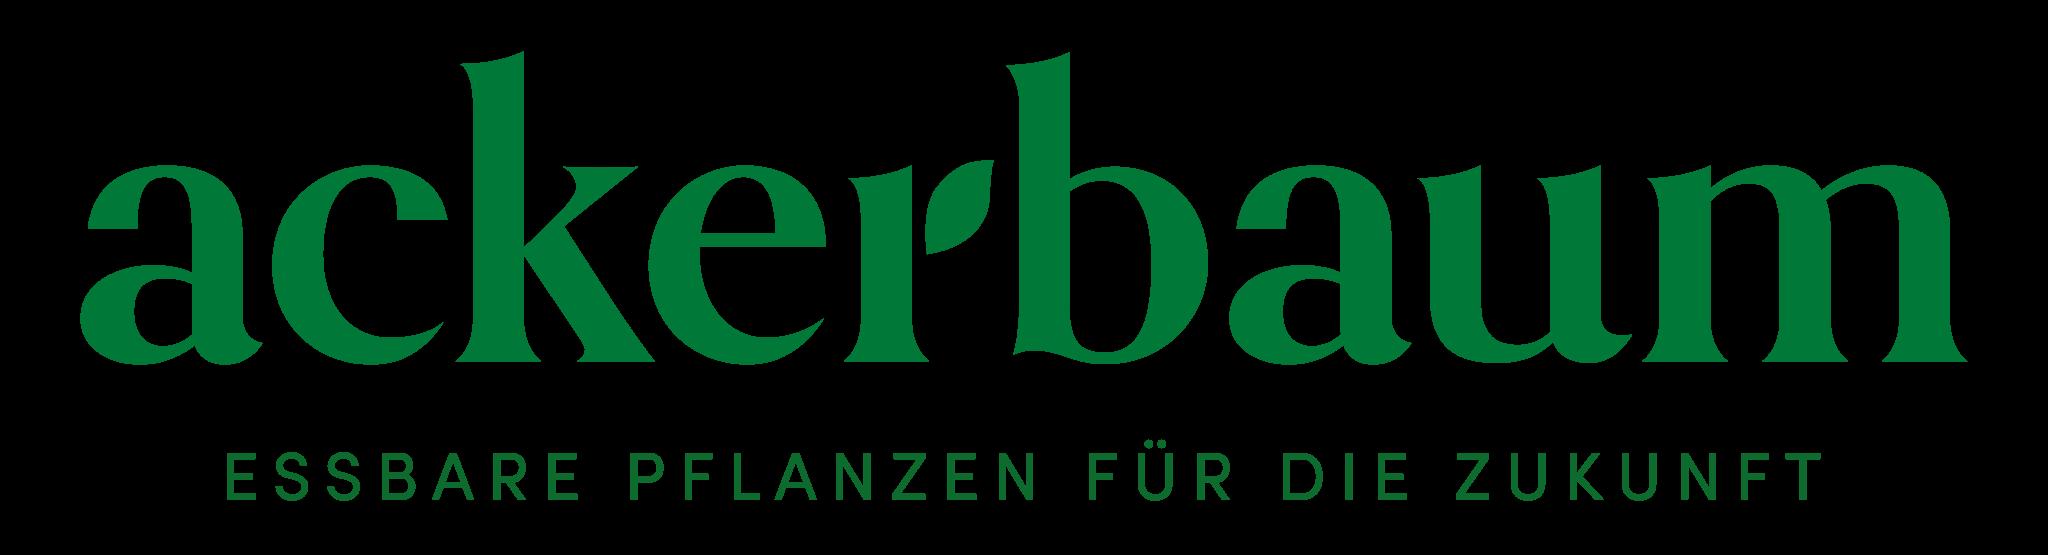 Ackerbaum_Logo_Claim_RGB